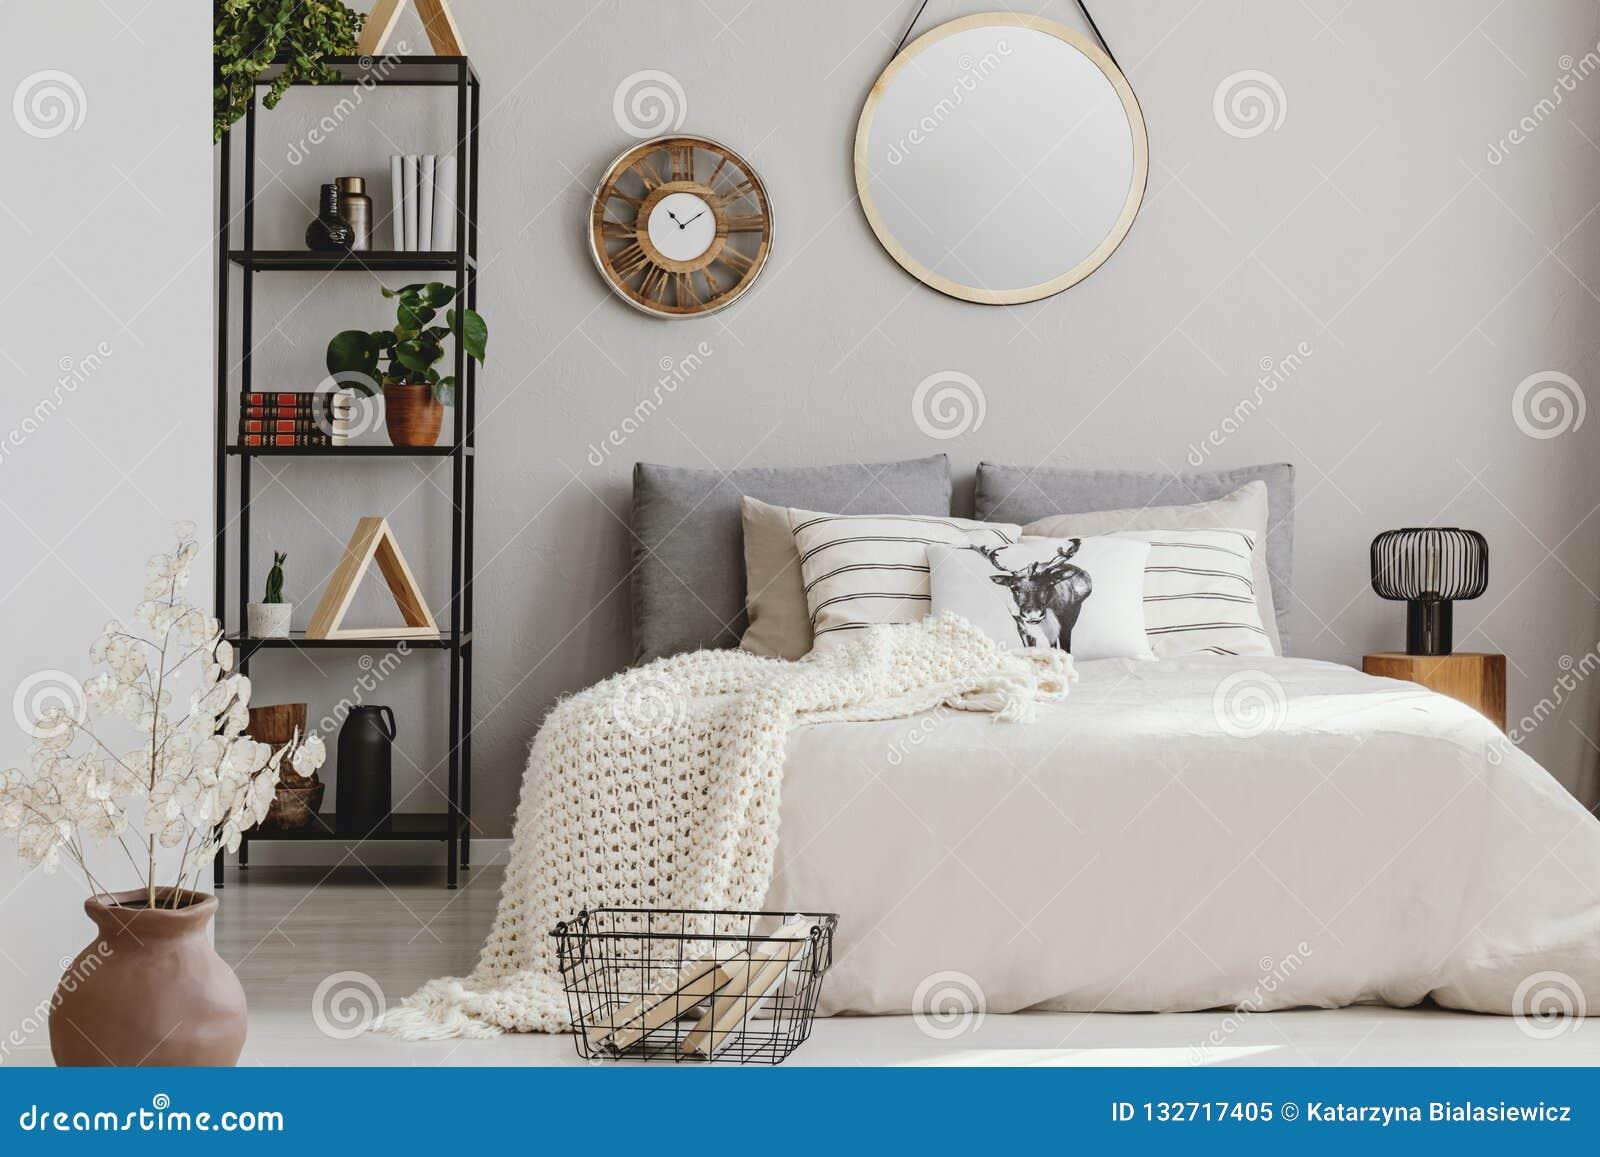 Lustro i drewniany zegar na ścianie elegancka sypialnia z beżową ciepłą koc pościeli i bielu, istna fotografia